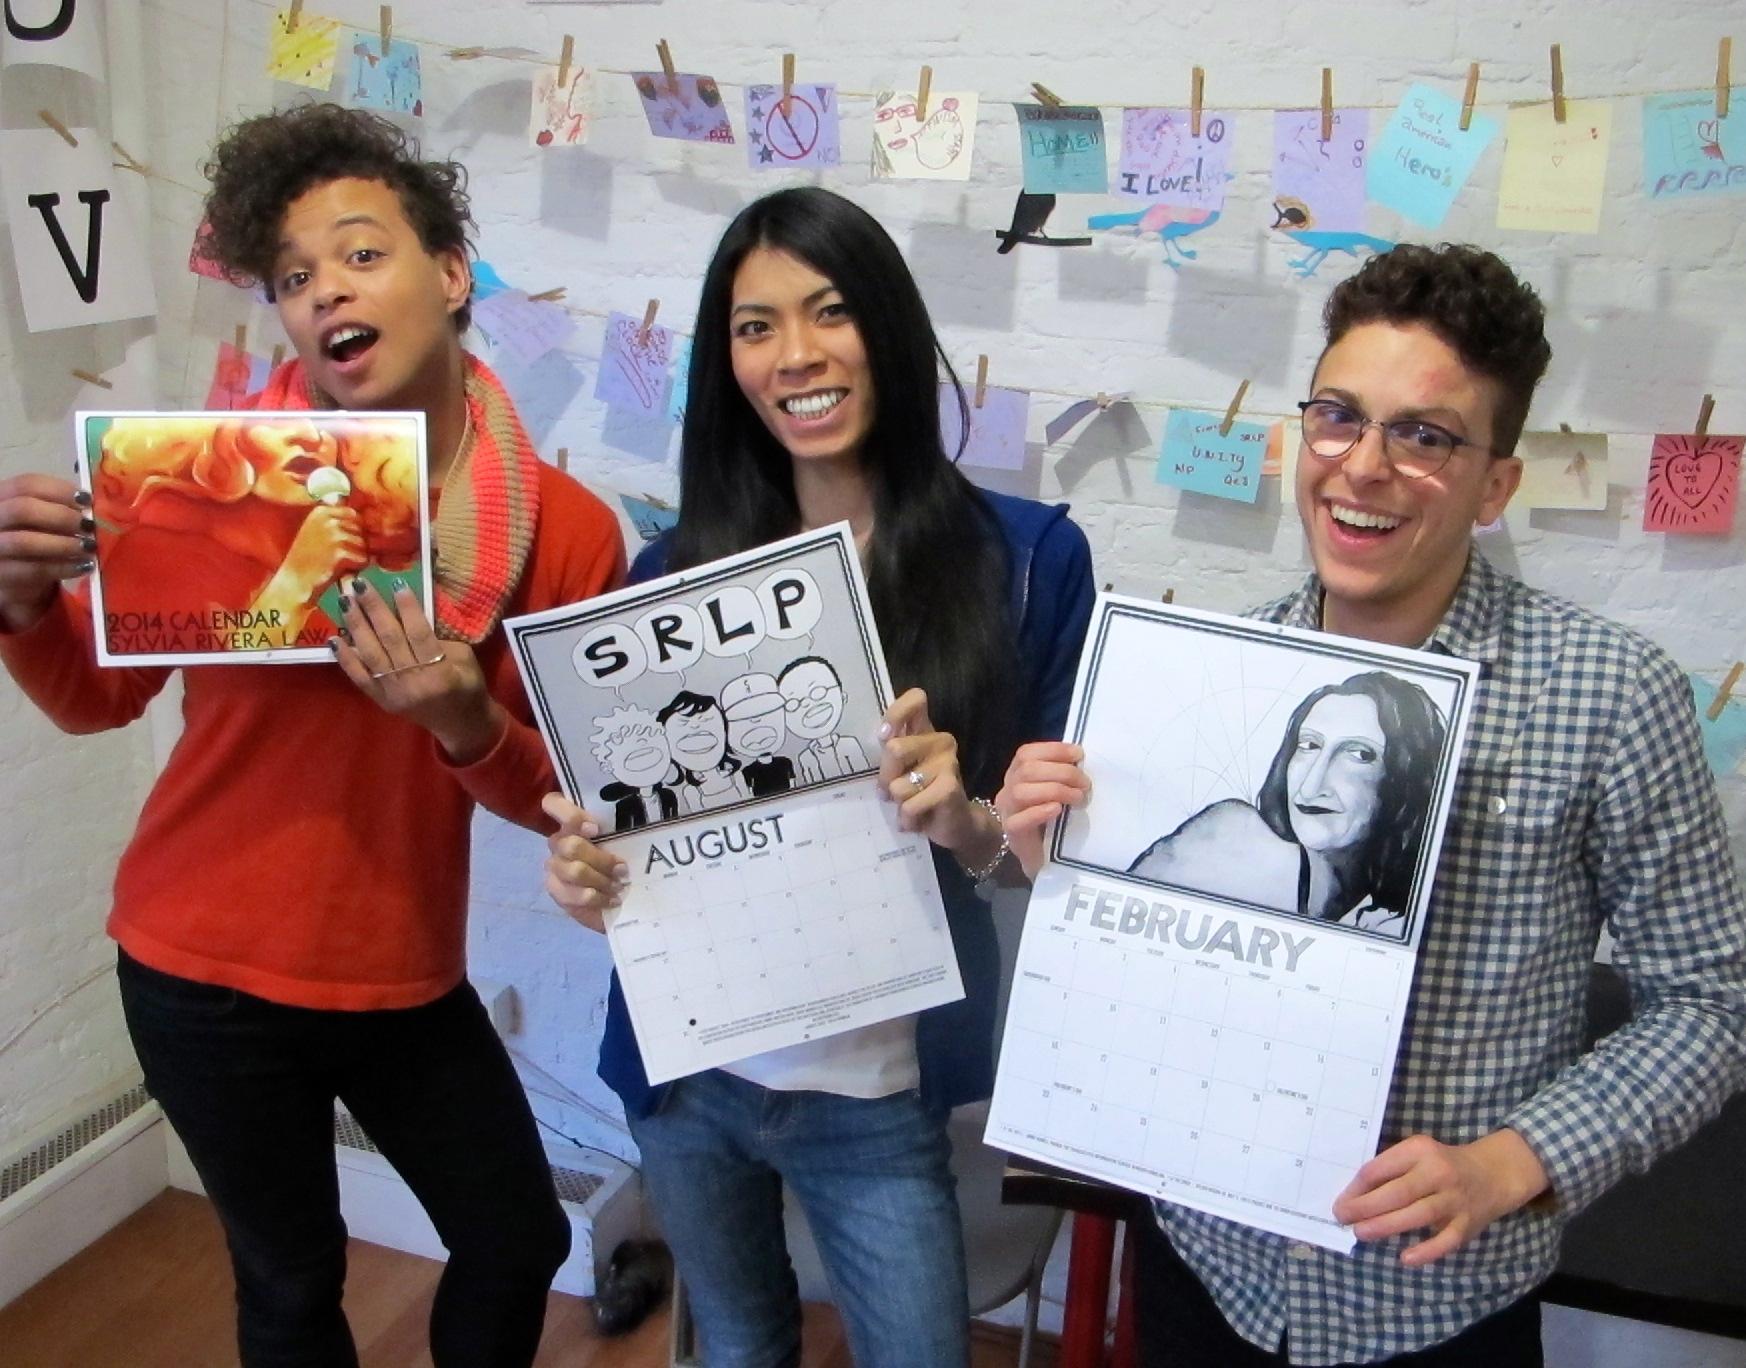 Reina, Stevie, and Avi model the 2014 SRLP calendar.